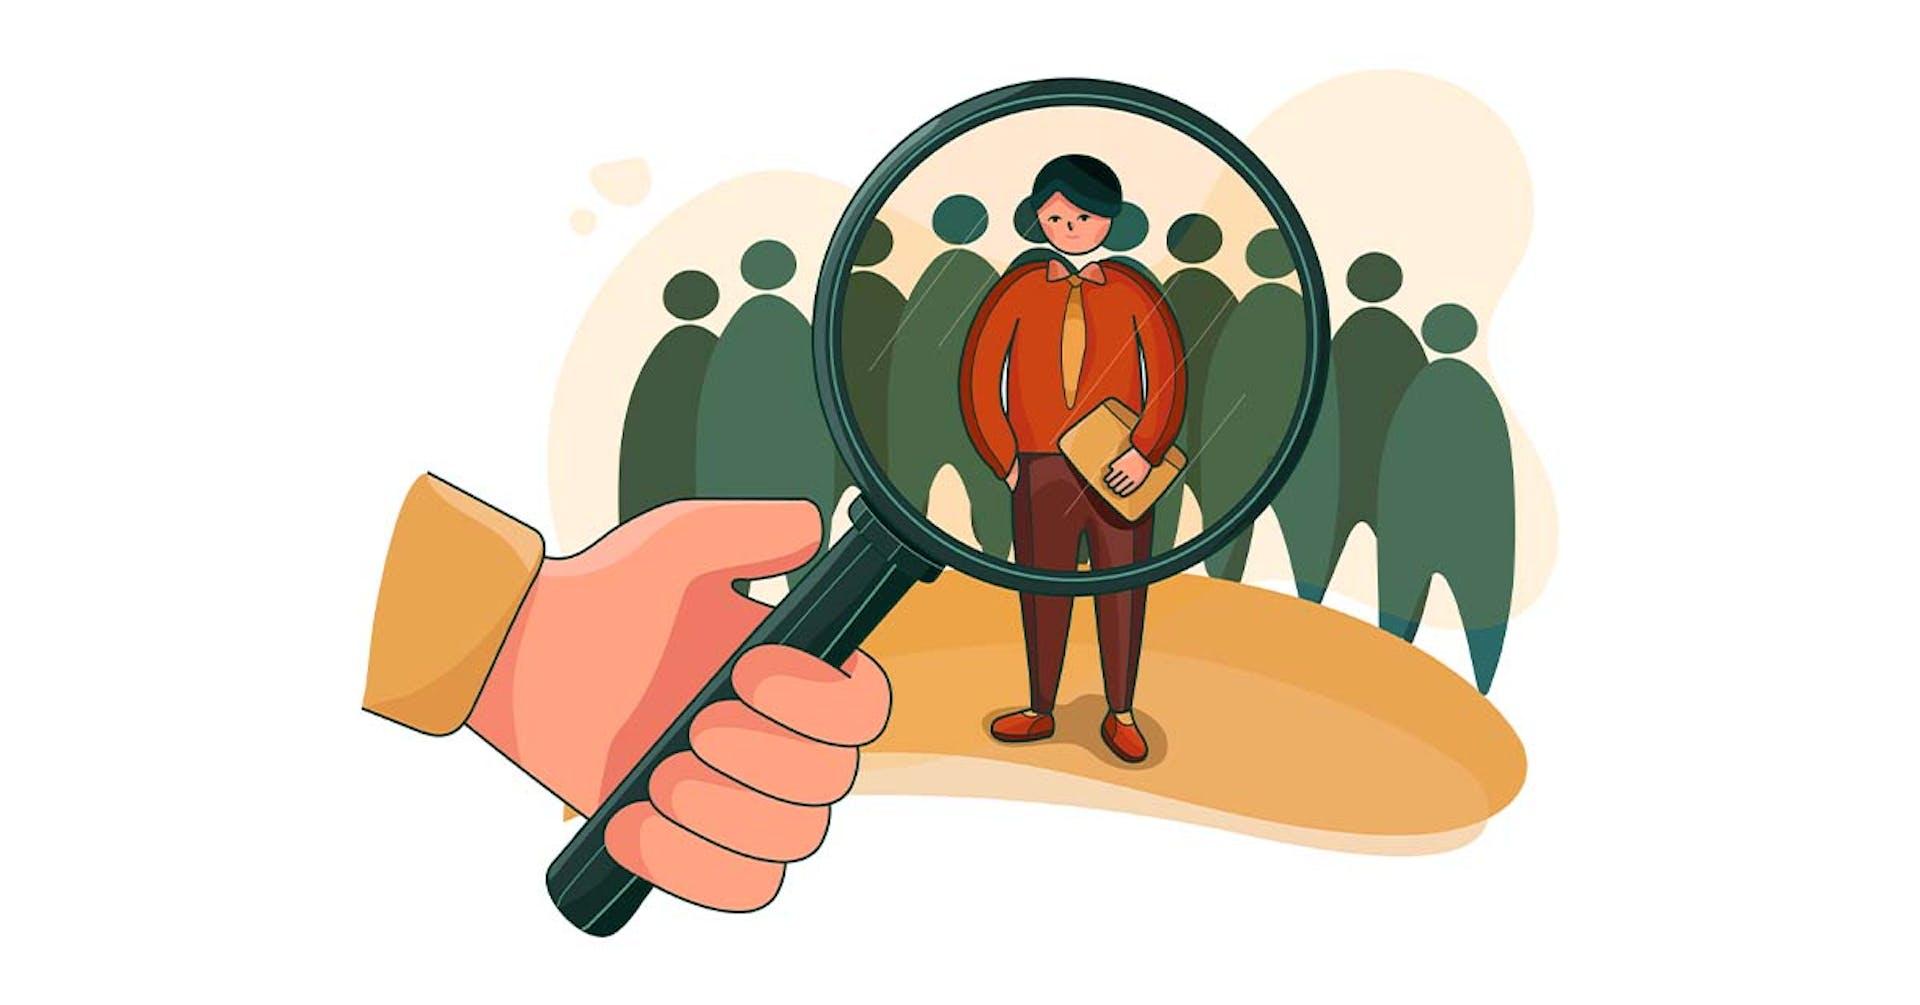 Los mejores consejos para saber como contratar personal para mi negocio